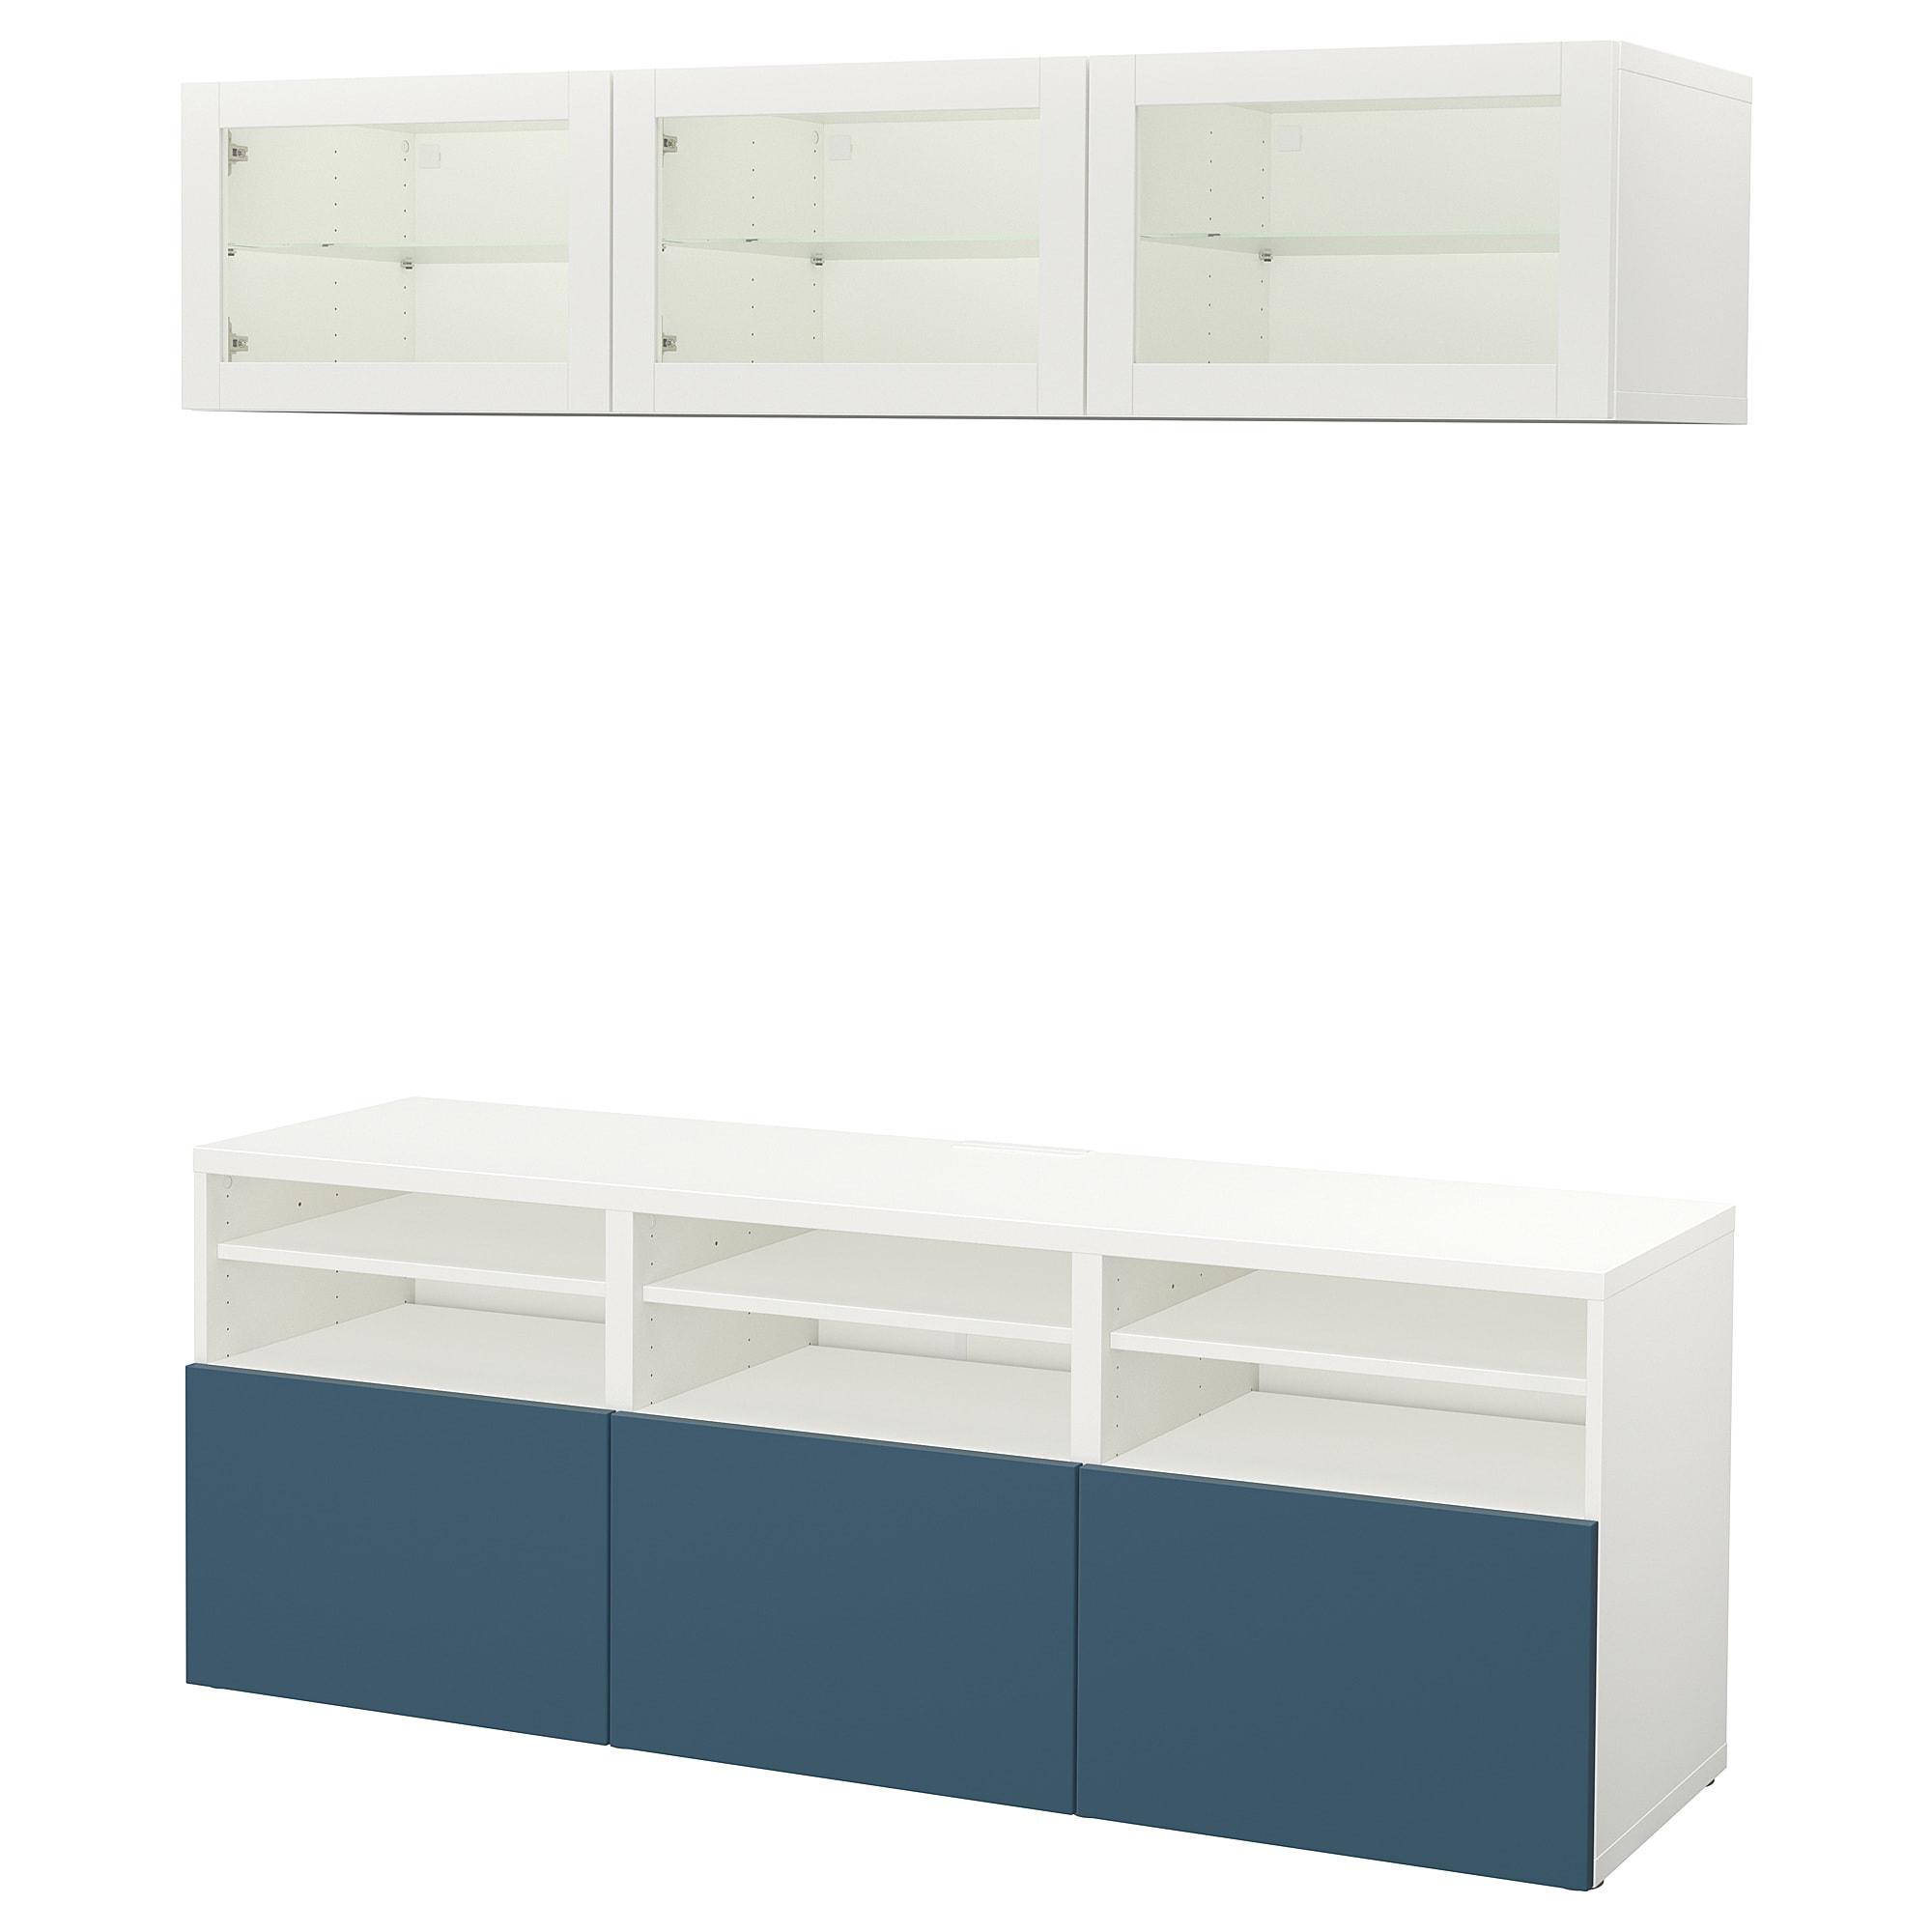 Шкаф для ТВ, комбинированный, стекляные дверцы БЕСТО артикуль № 192.498.83 в наличии. Онлайн сайт ИКЕА РБ. Быстрая доставка и установка.